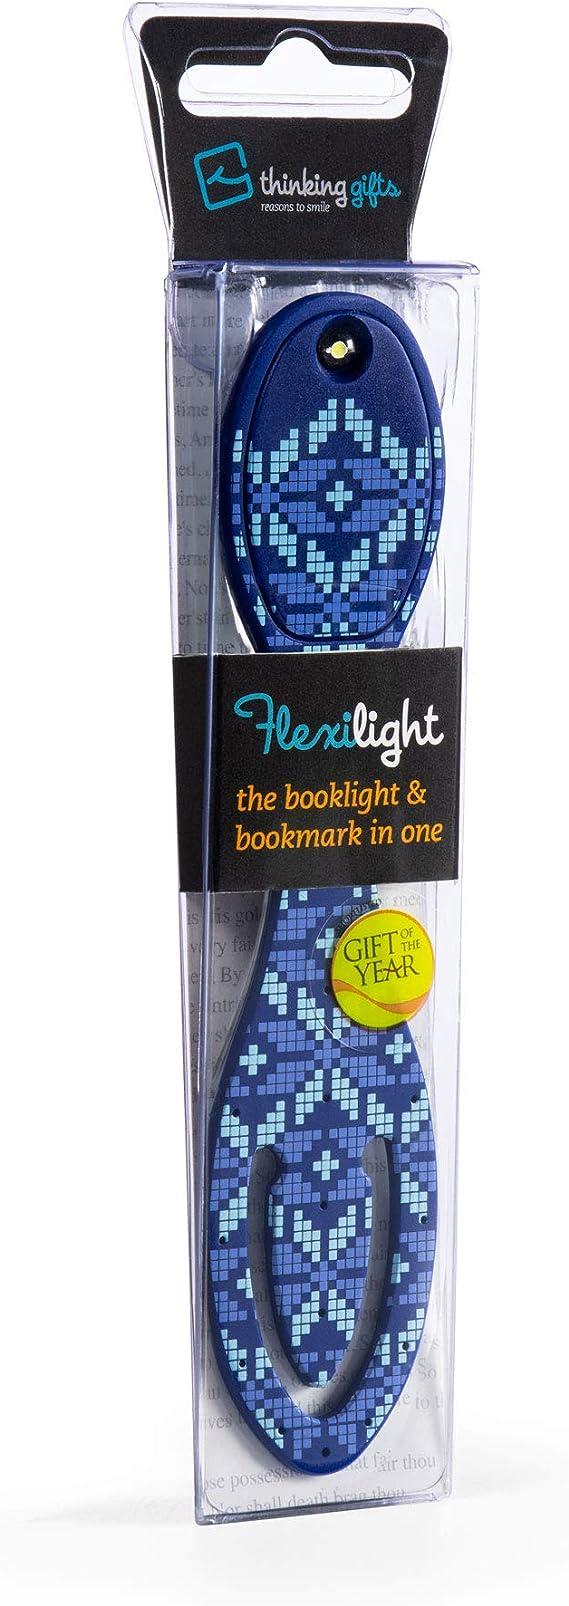 Flexilight LED Lesen Buch Licht Anklammern Einstellbar Reise Lesezeichen Lampe Geschenk Isl/ändisches Blau